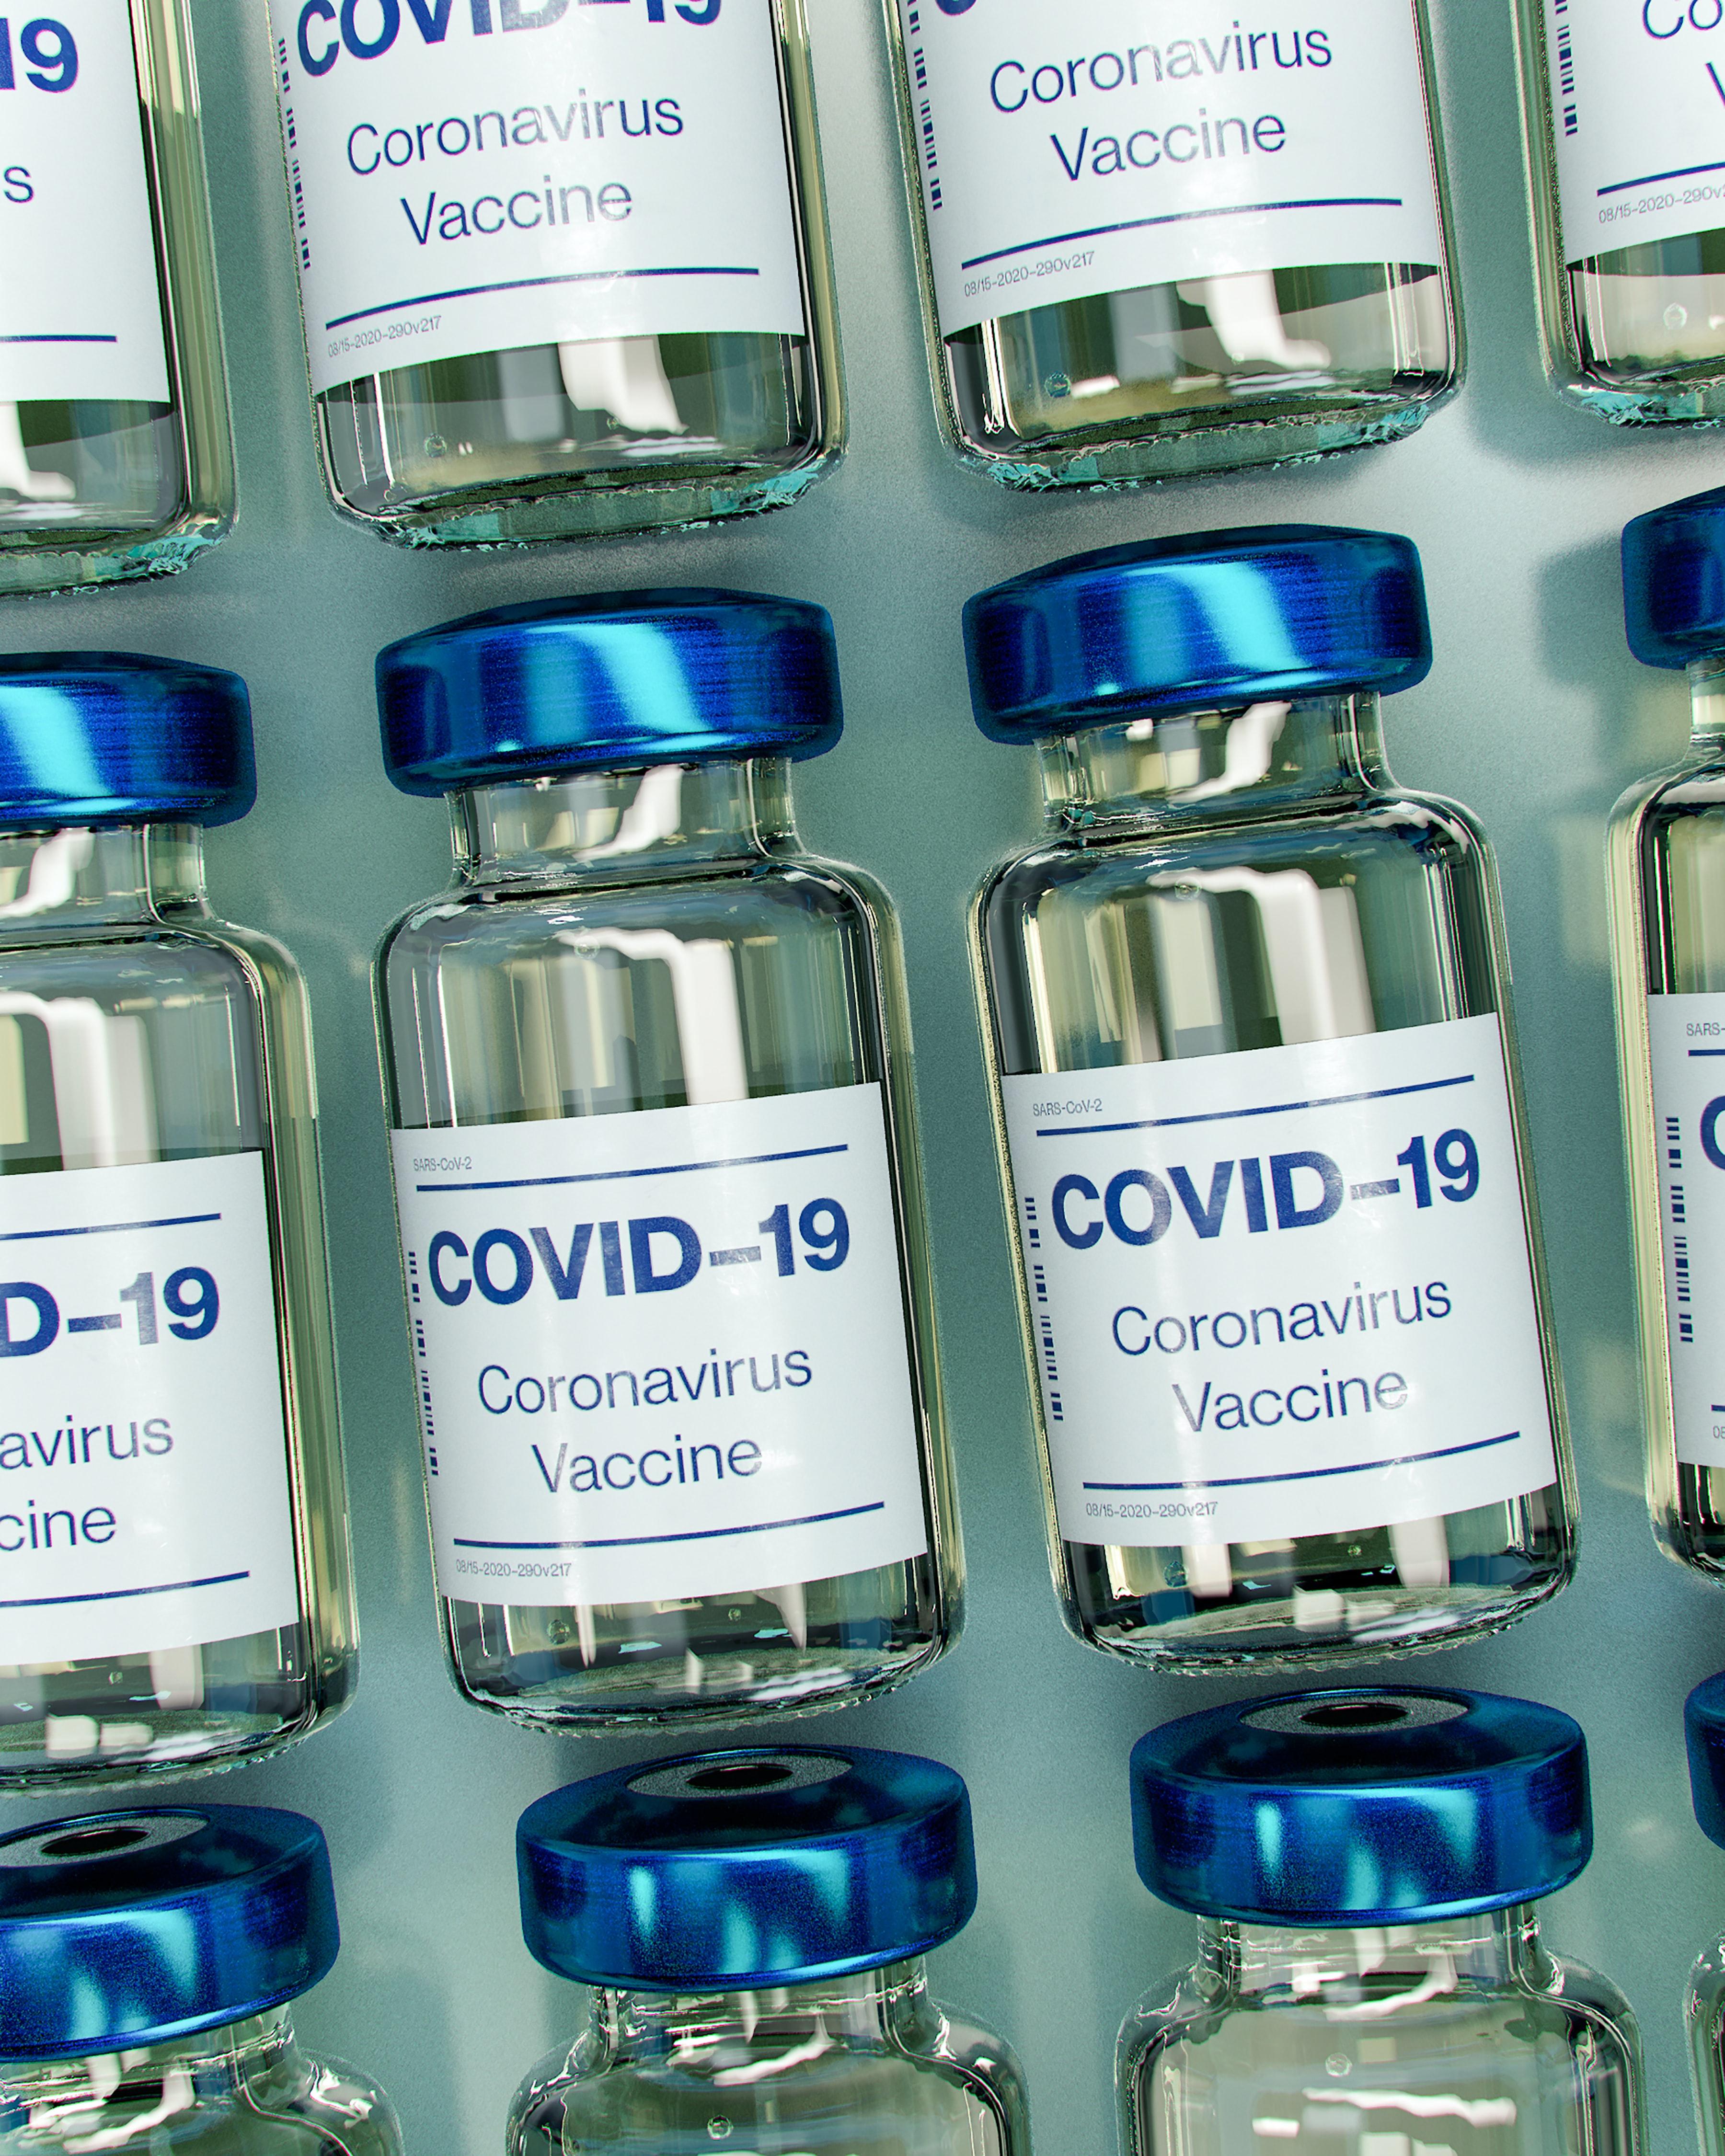 Covid-19 vaccine vials, artistic representation